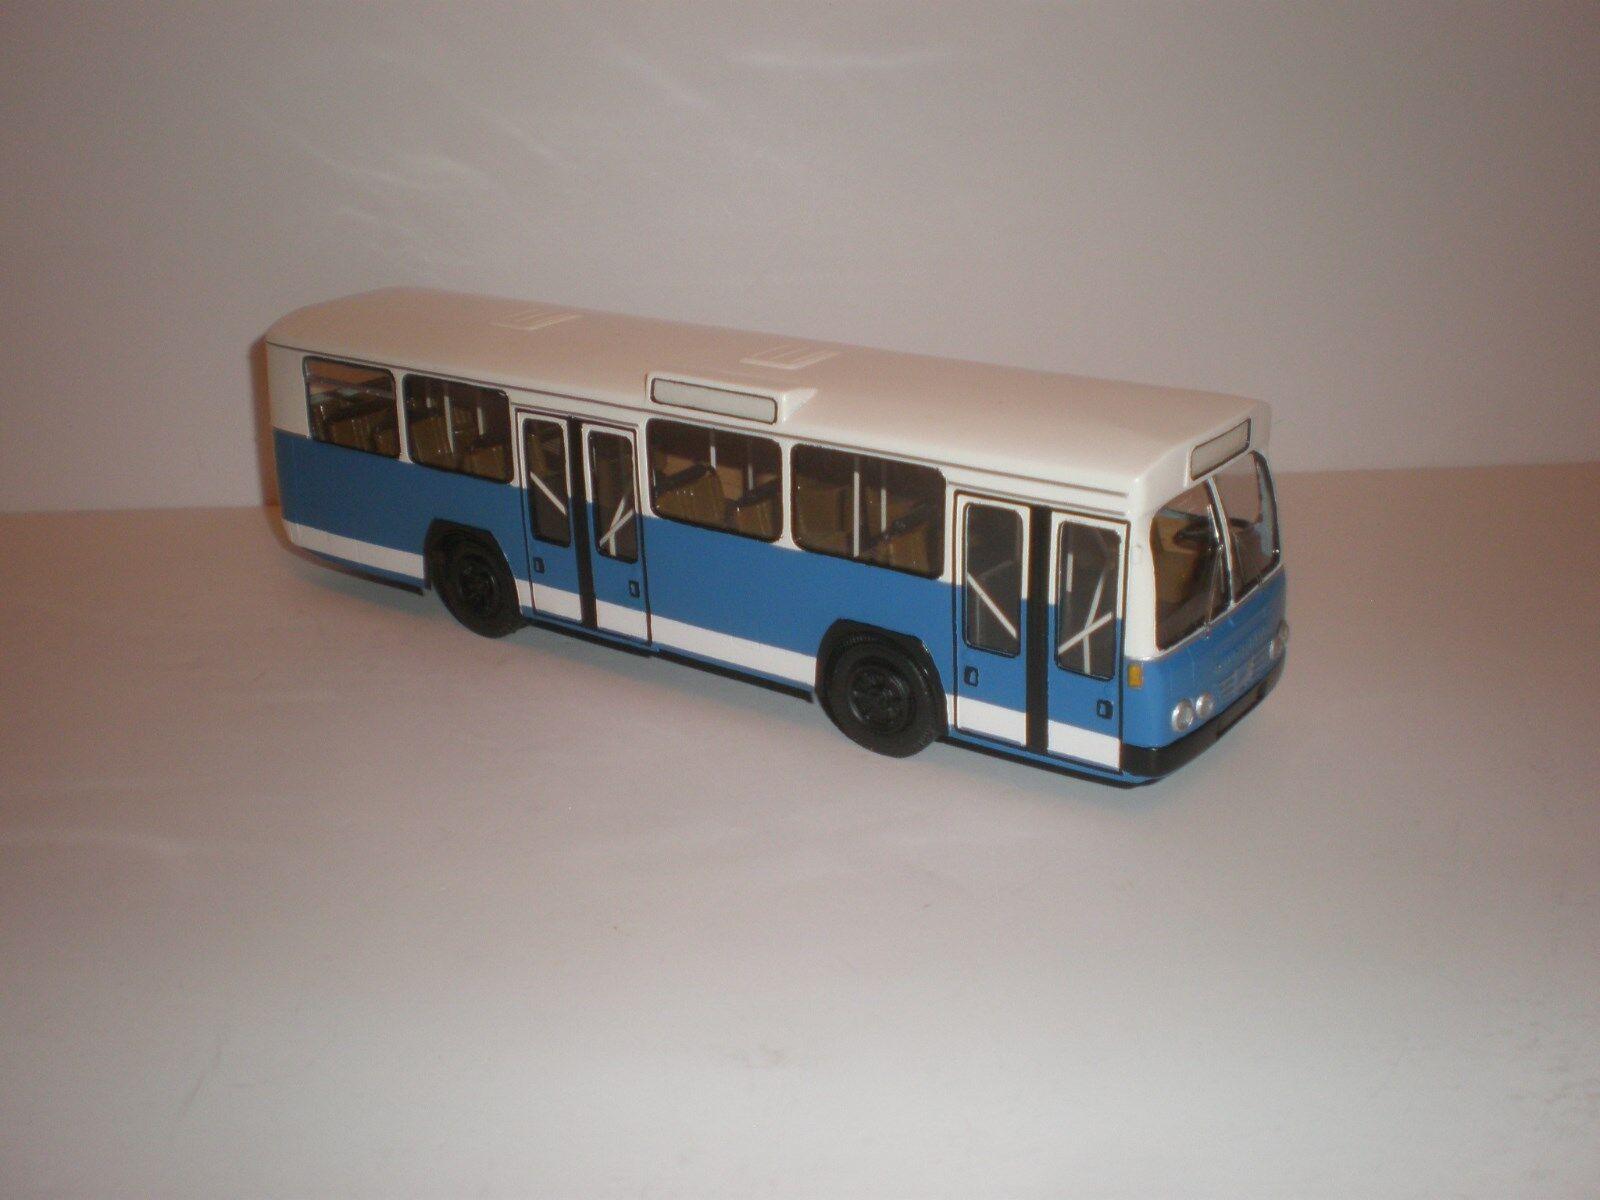 1 43 ciudad alemana Bus década de 1970 Bussing prafect 11 hecho a mano